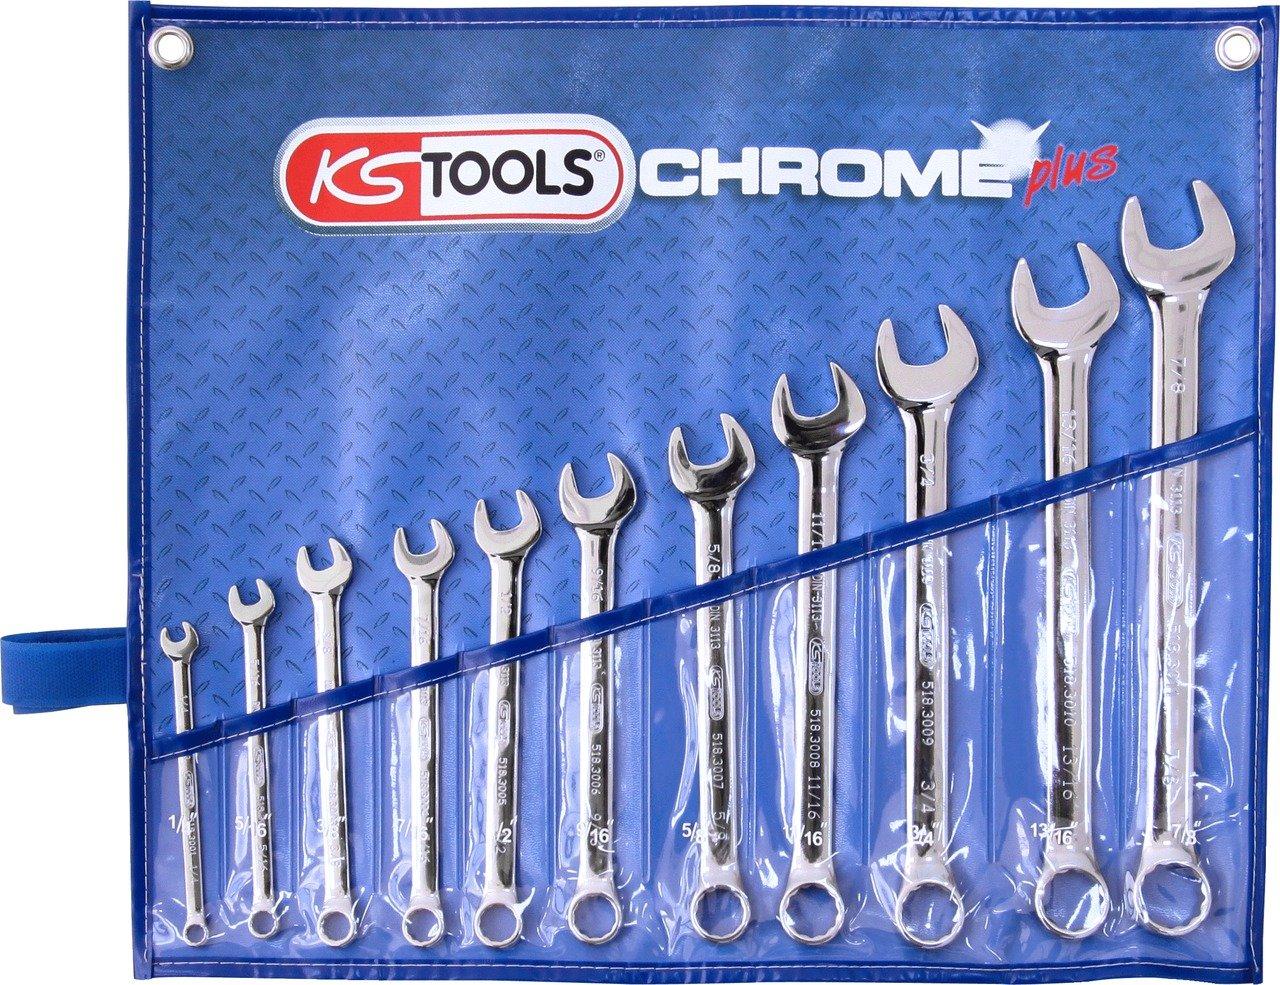 KS Tools 518.3000 Jeu de clé s mixtes en pouce CHROMEplus 11 piè ces 4042146223918